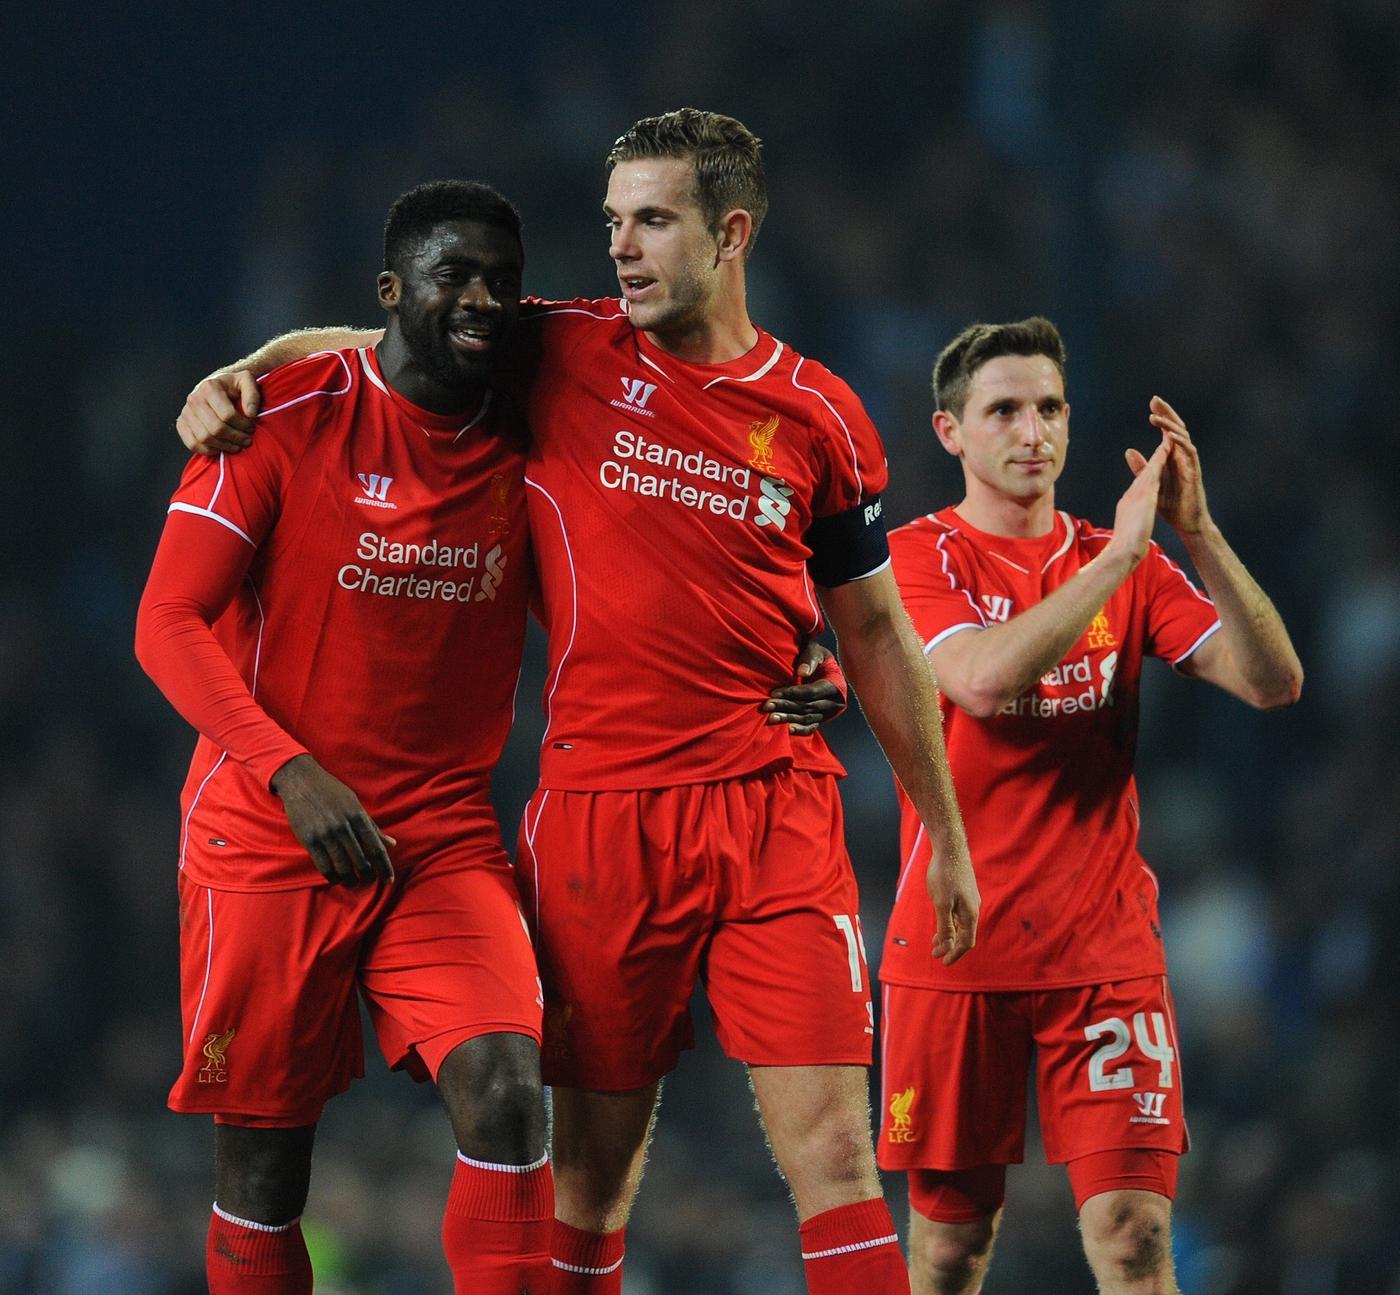 Glen Johnson, Dejan Lovren and Kolo Toure deserve credit for helping Liverpool beat Blackburn